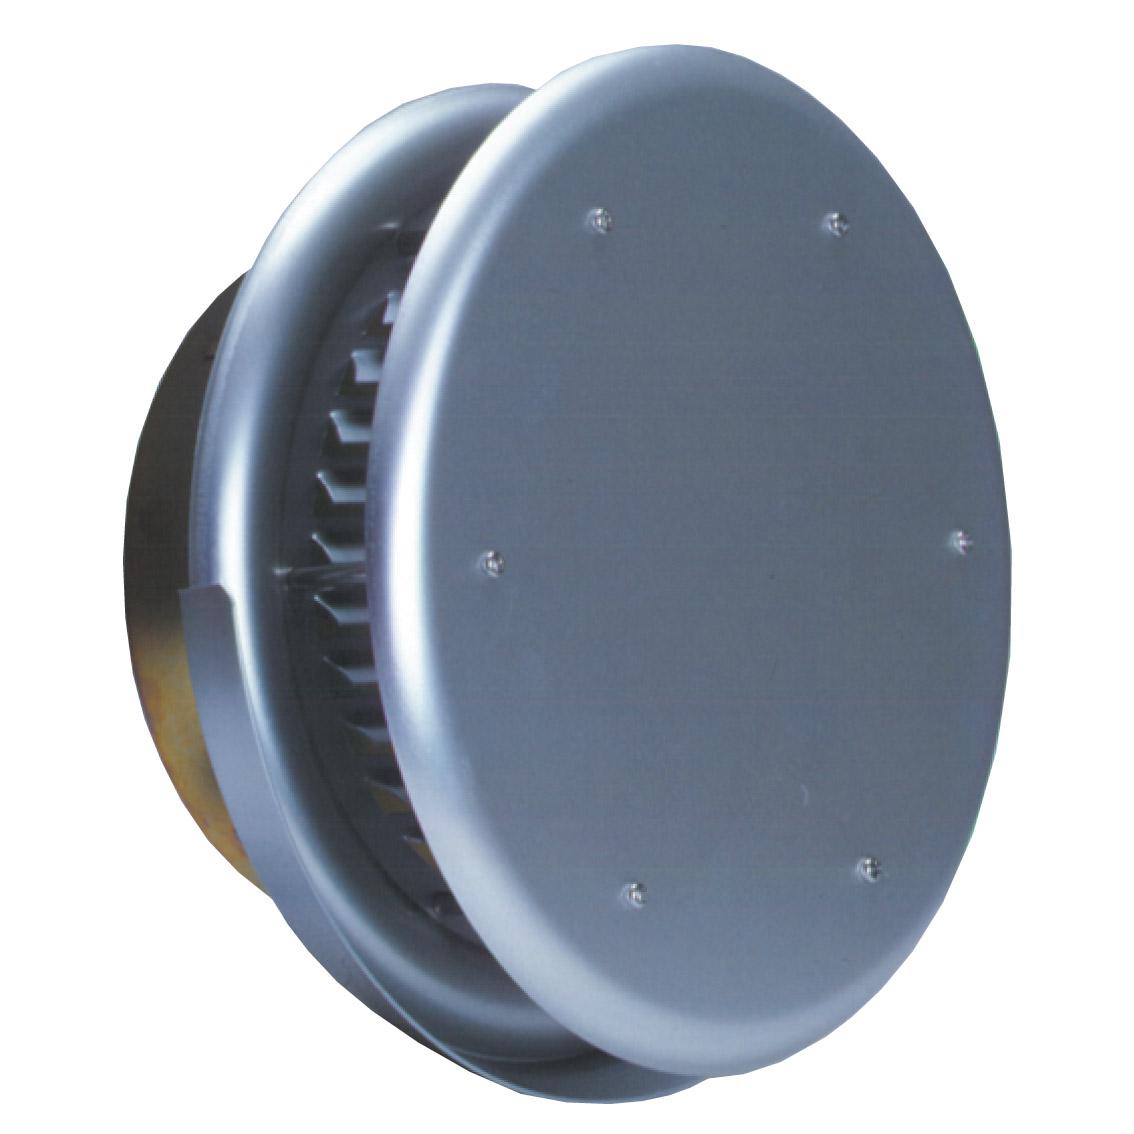 西邦工業 SEIHO SXBD200M 外壁用アルミ製換気口 (フラットカバー付換気口(水切り付)) ガラリ型 水切り付 ふらっとカバー付 防火ダンパー付